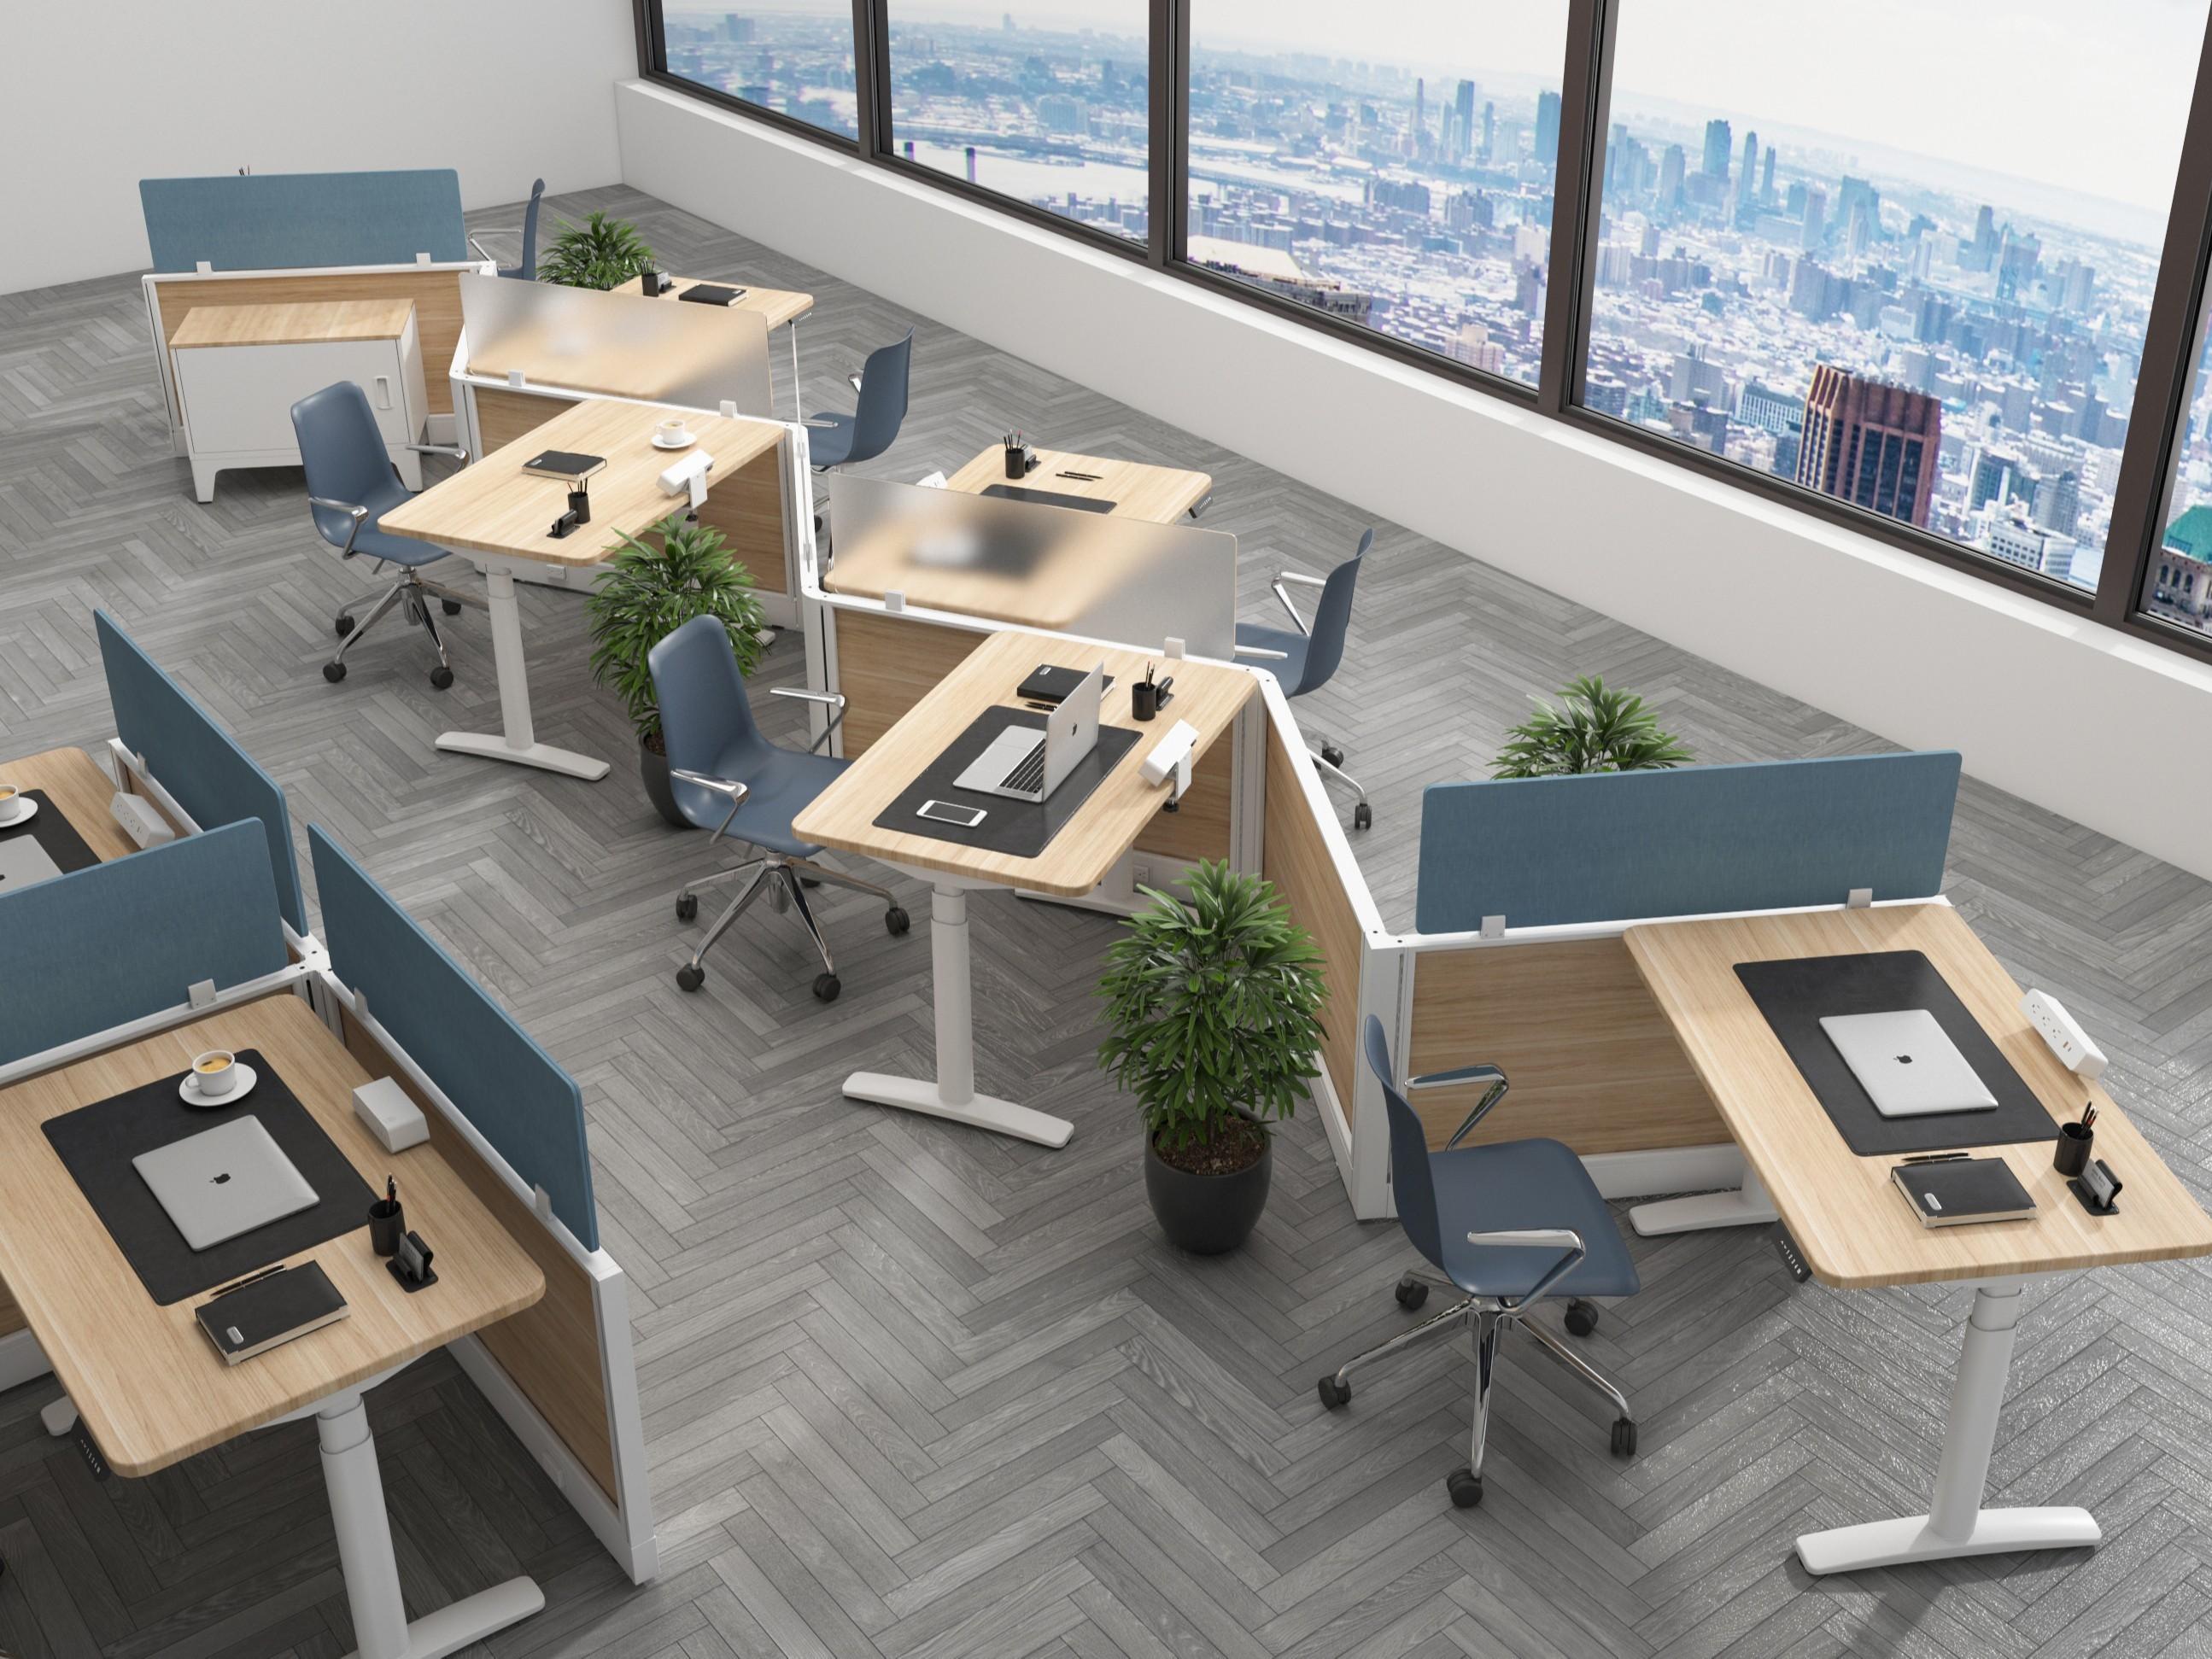 如何保养钢制现代办公家具呢?